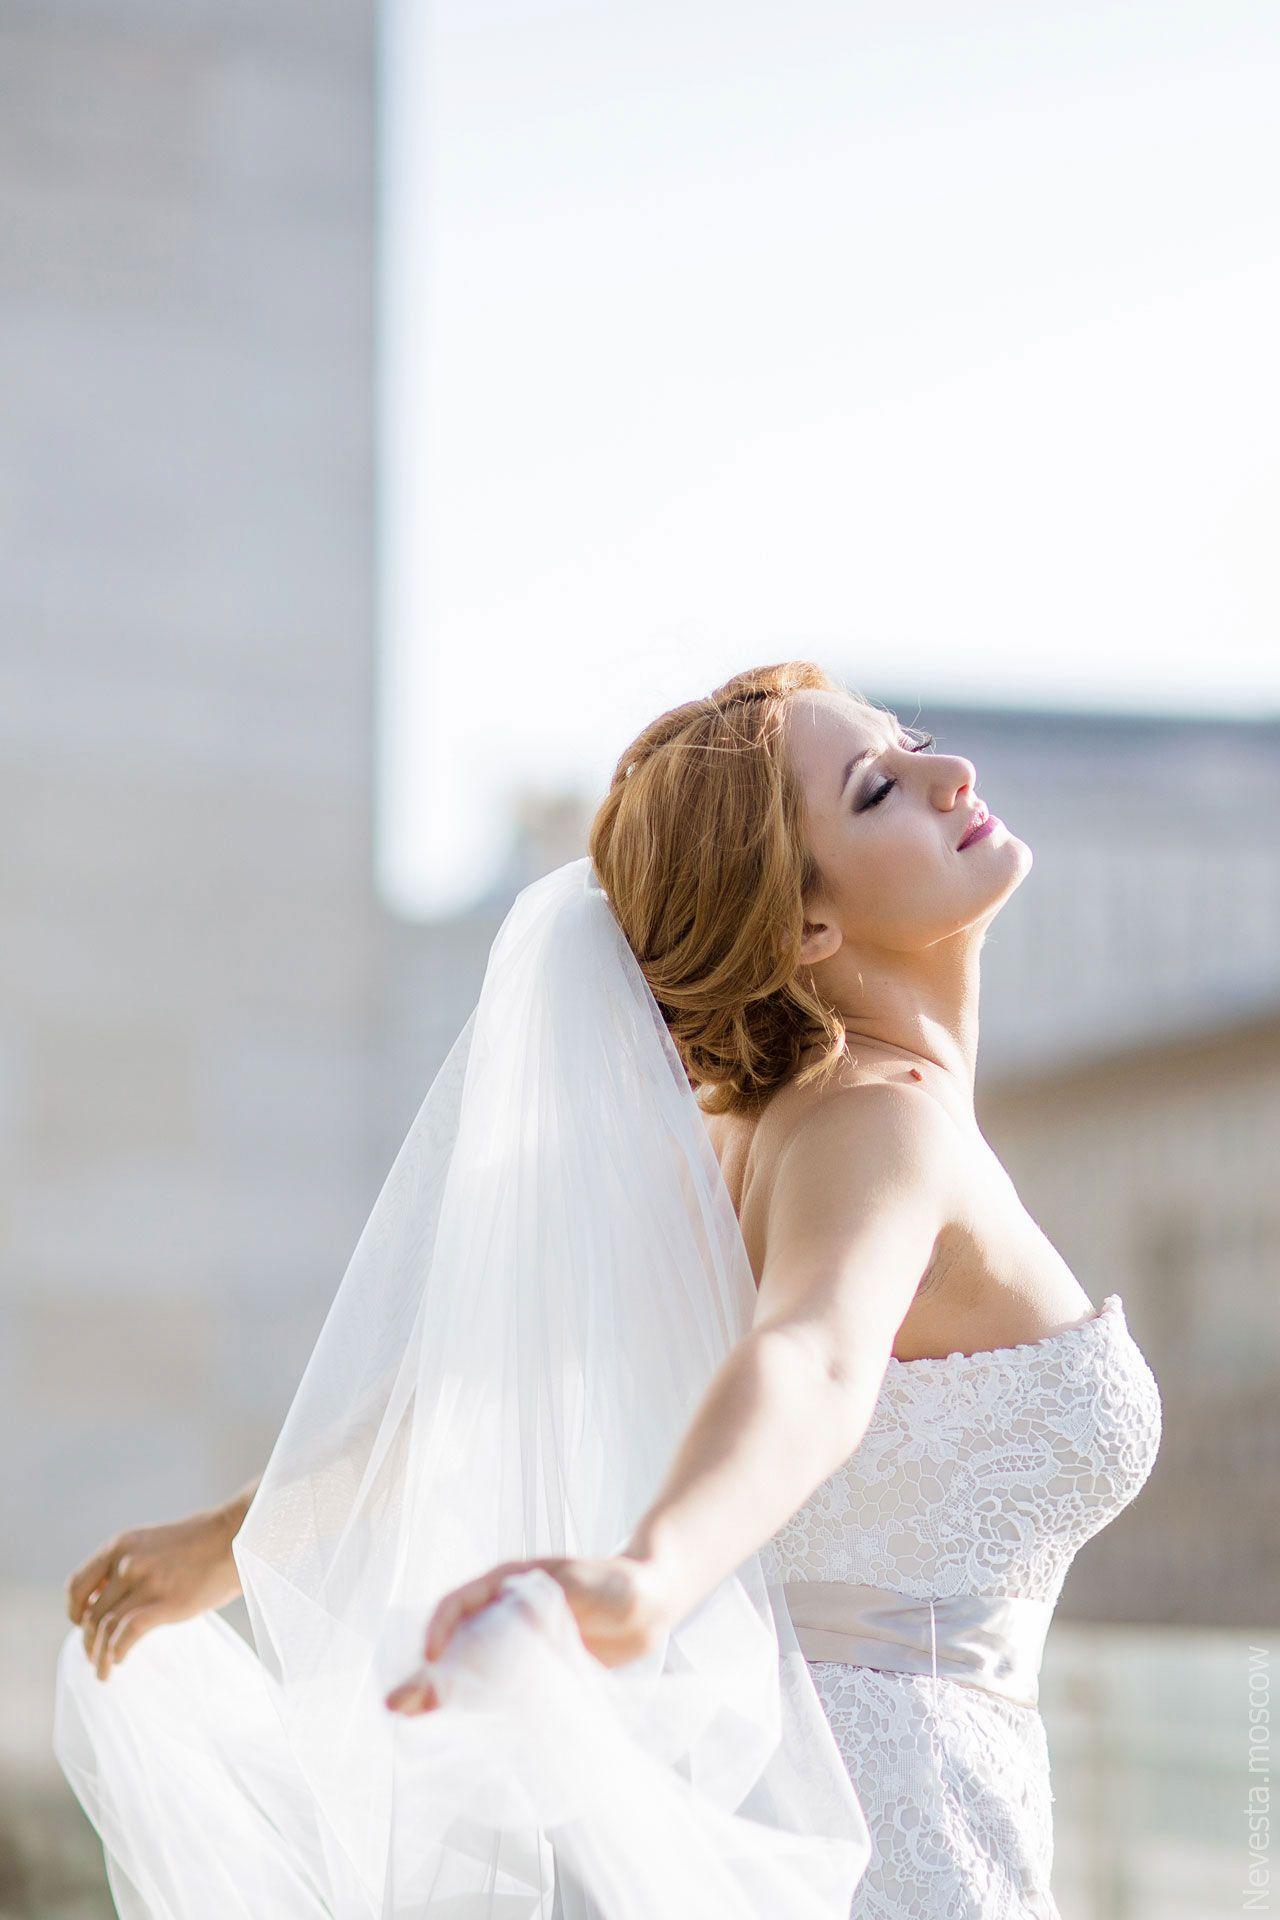 Карина Мишулина выбирает свадебное платье, фото 2